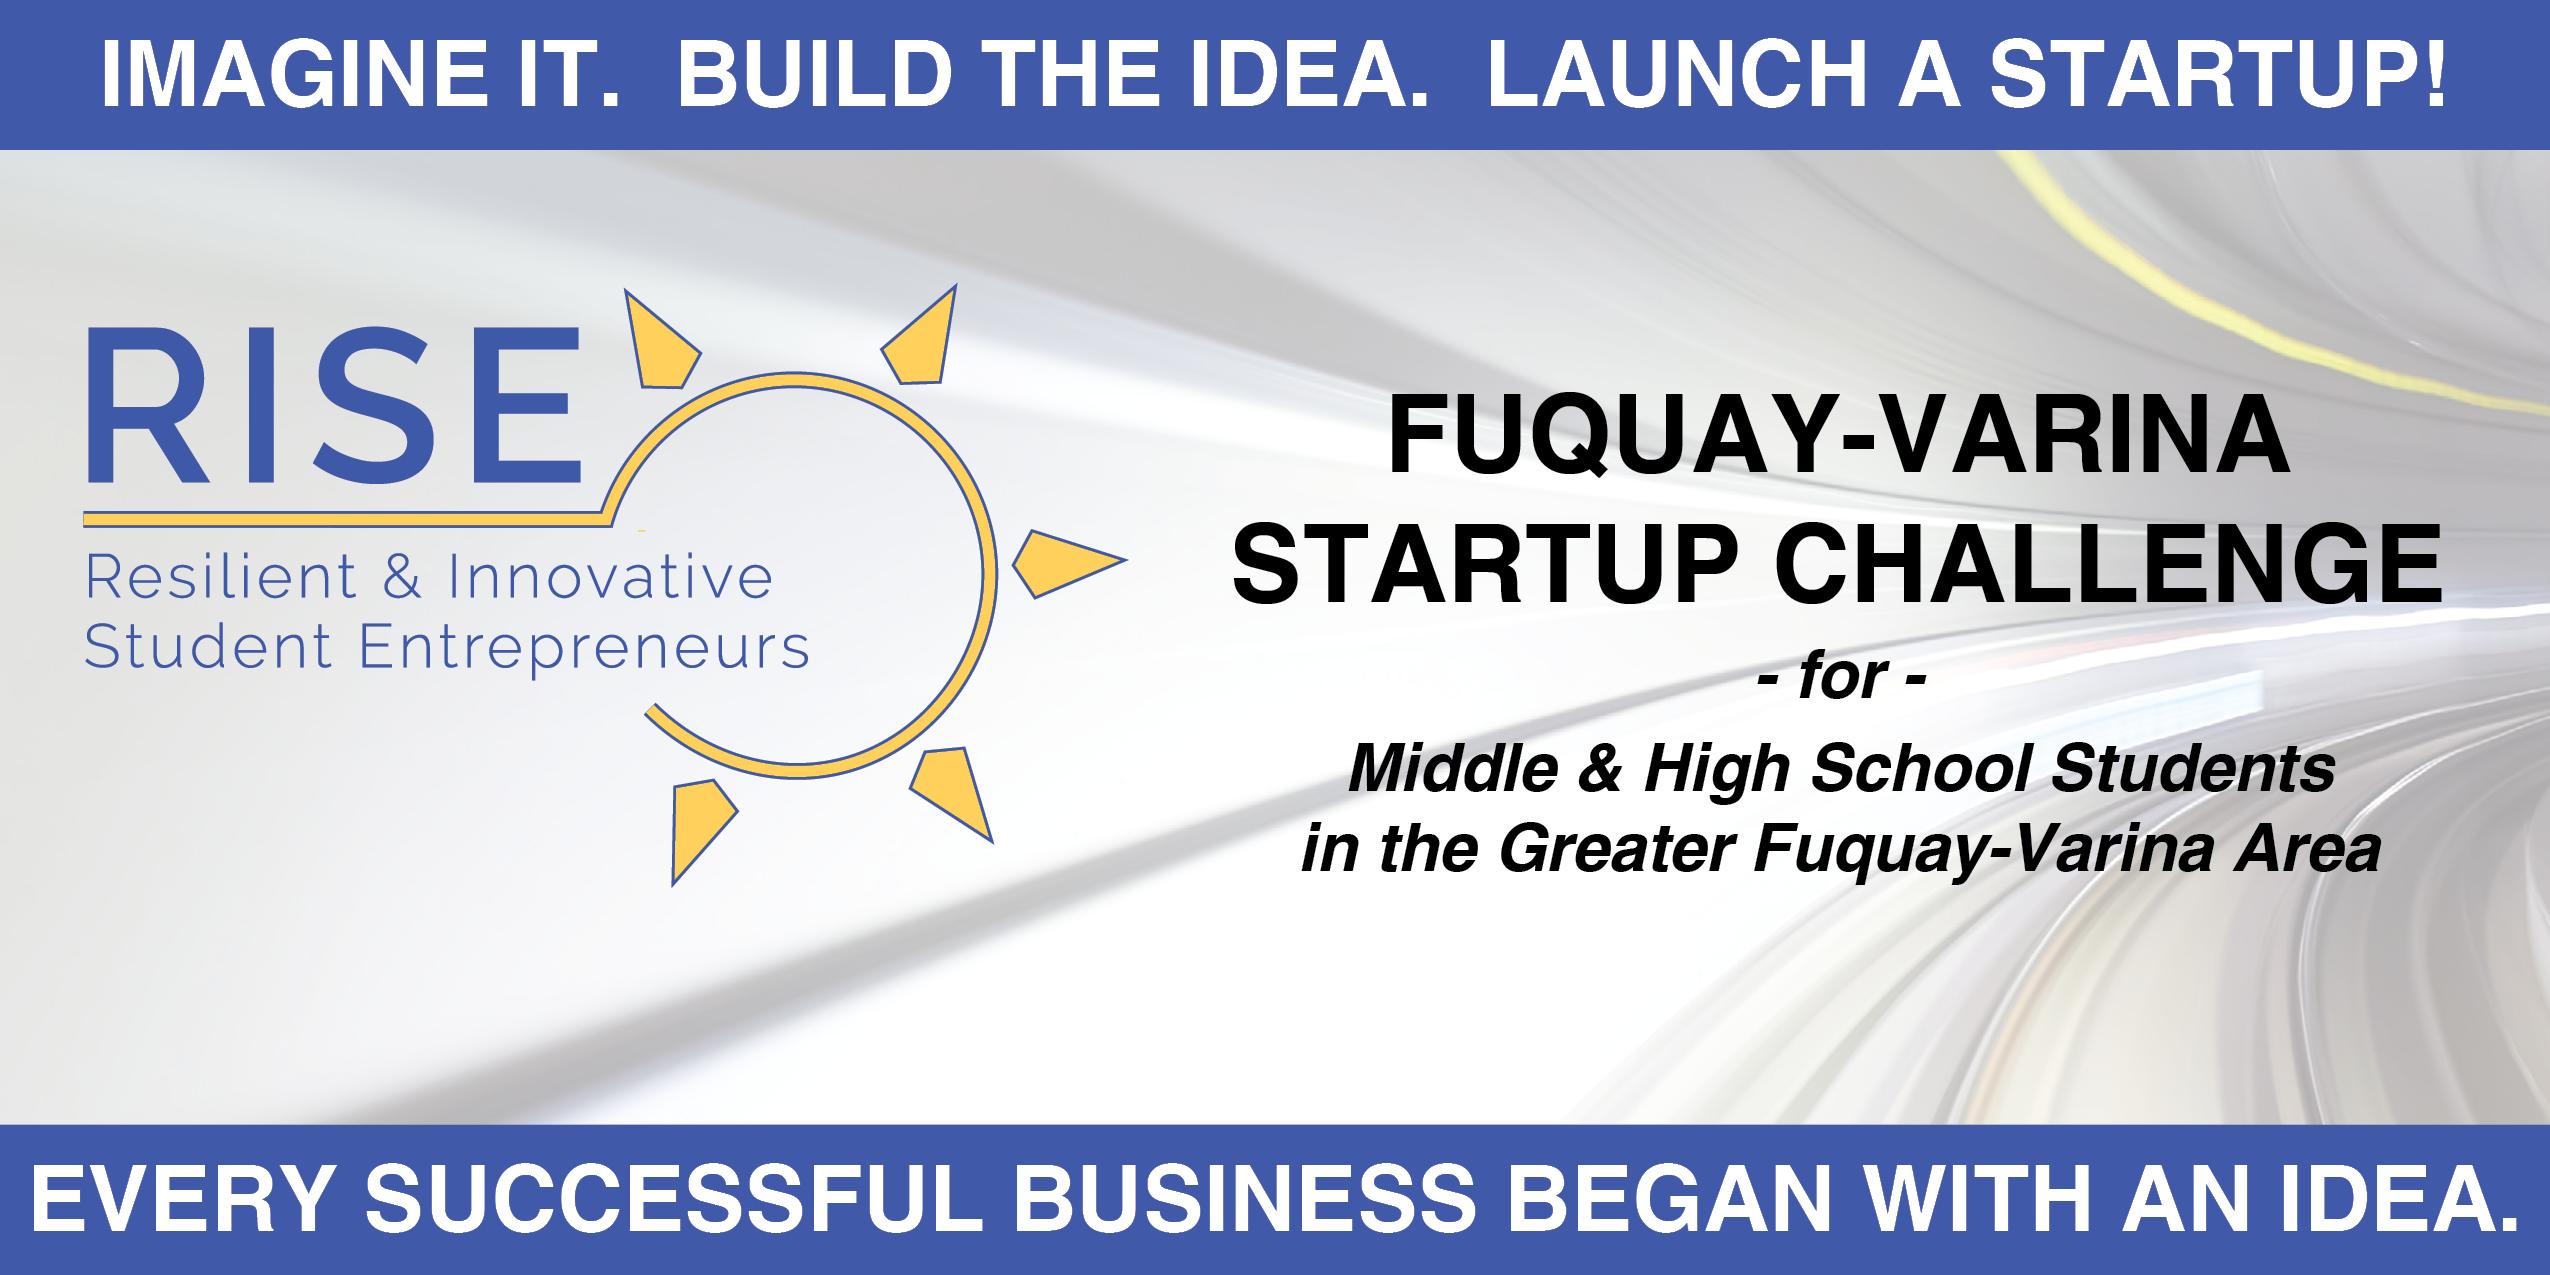 RISE Fuquay-Varina Startup Challenge